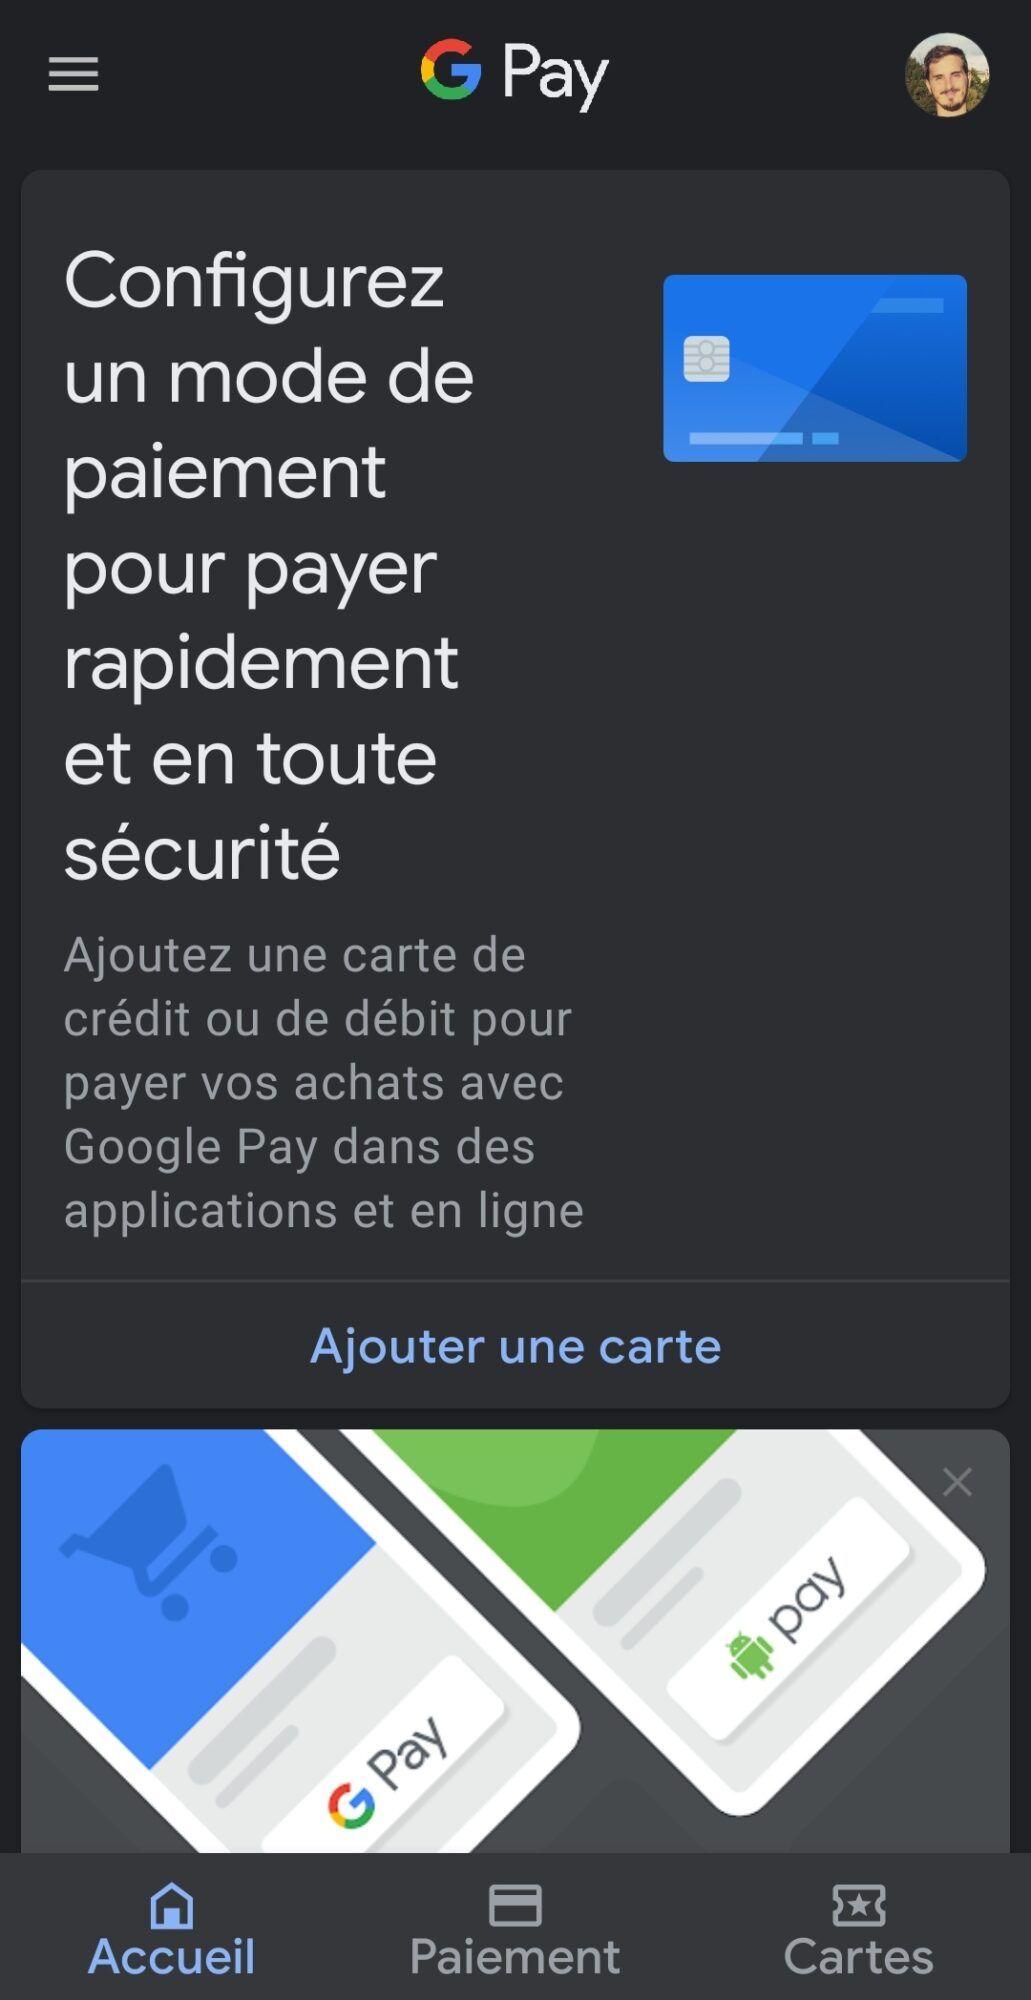 ajouter-une-carte-de-paiement-sans-contact-google-pay